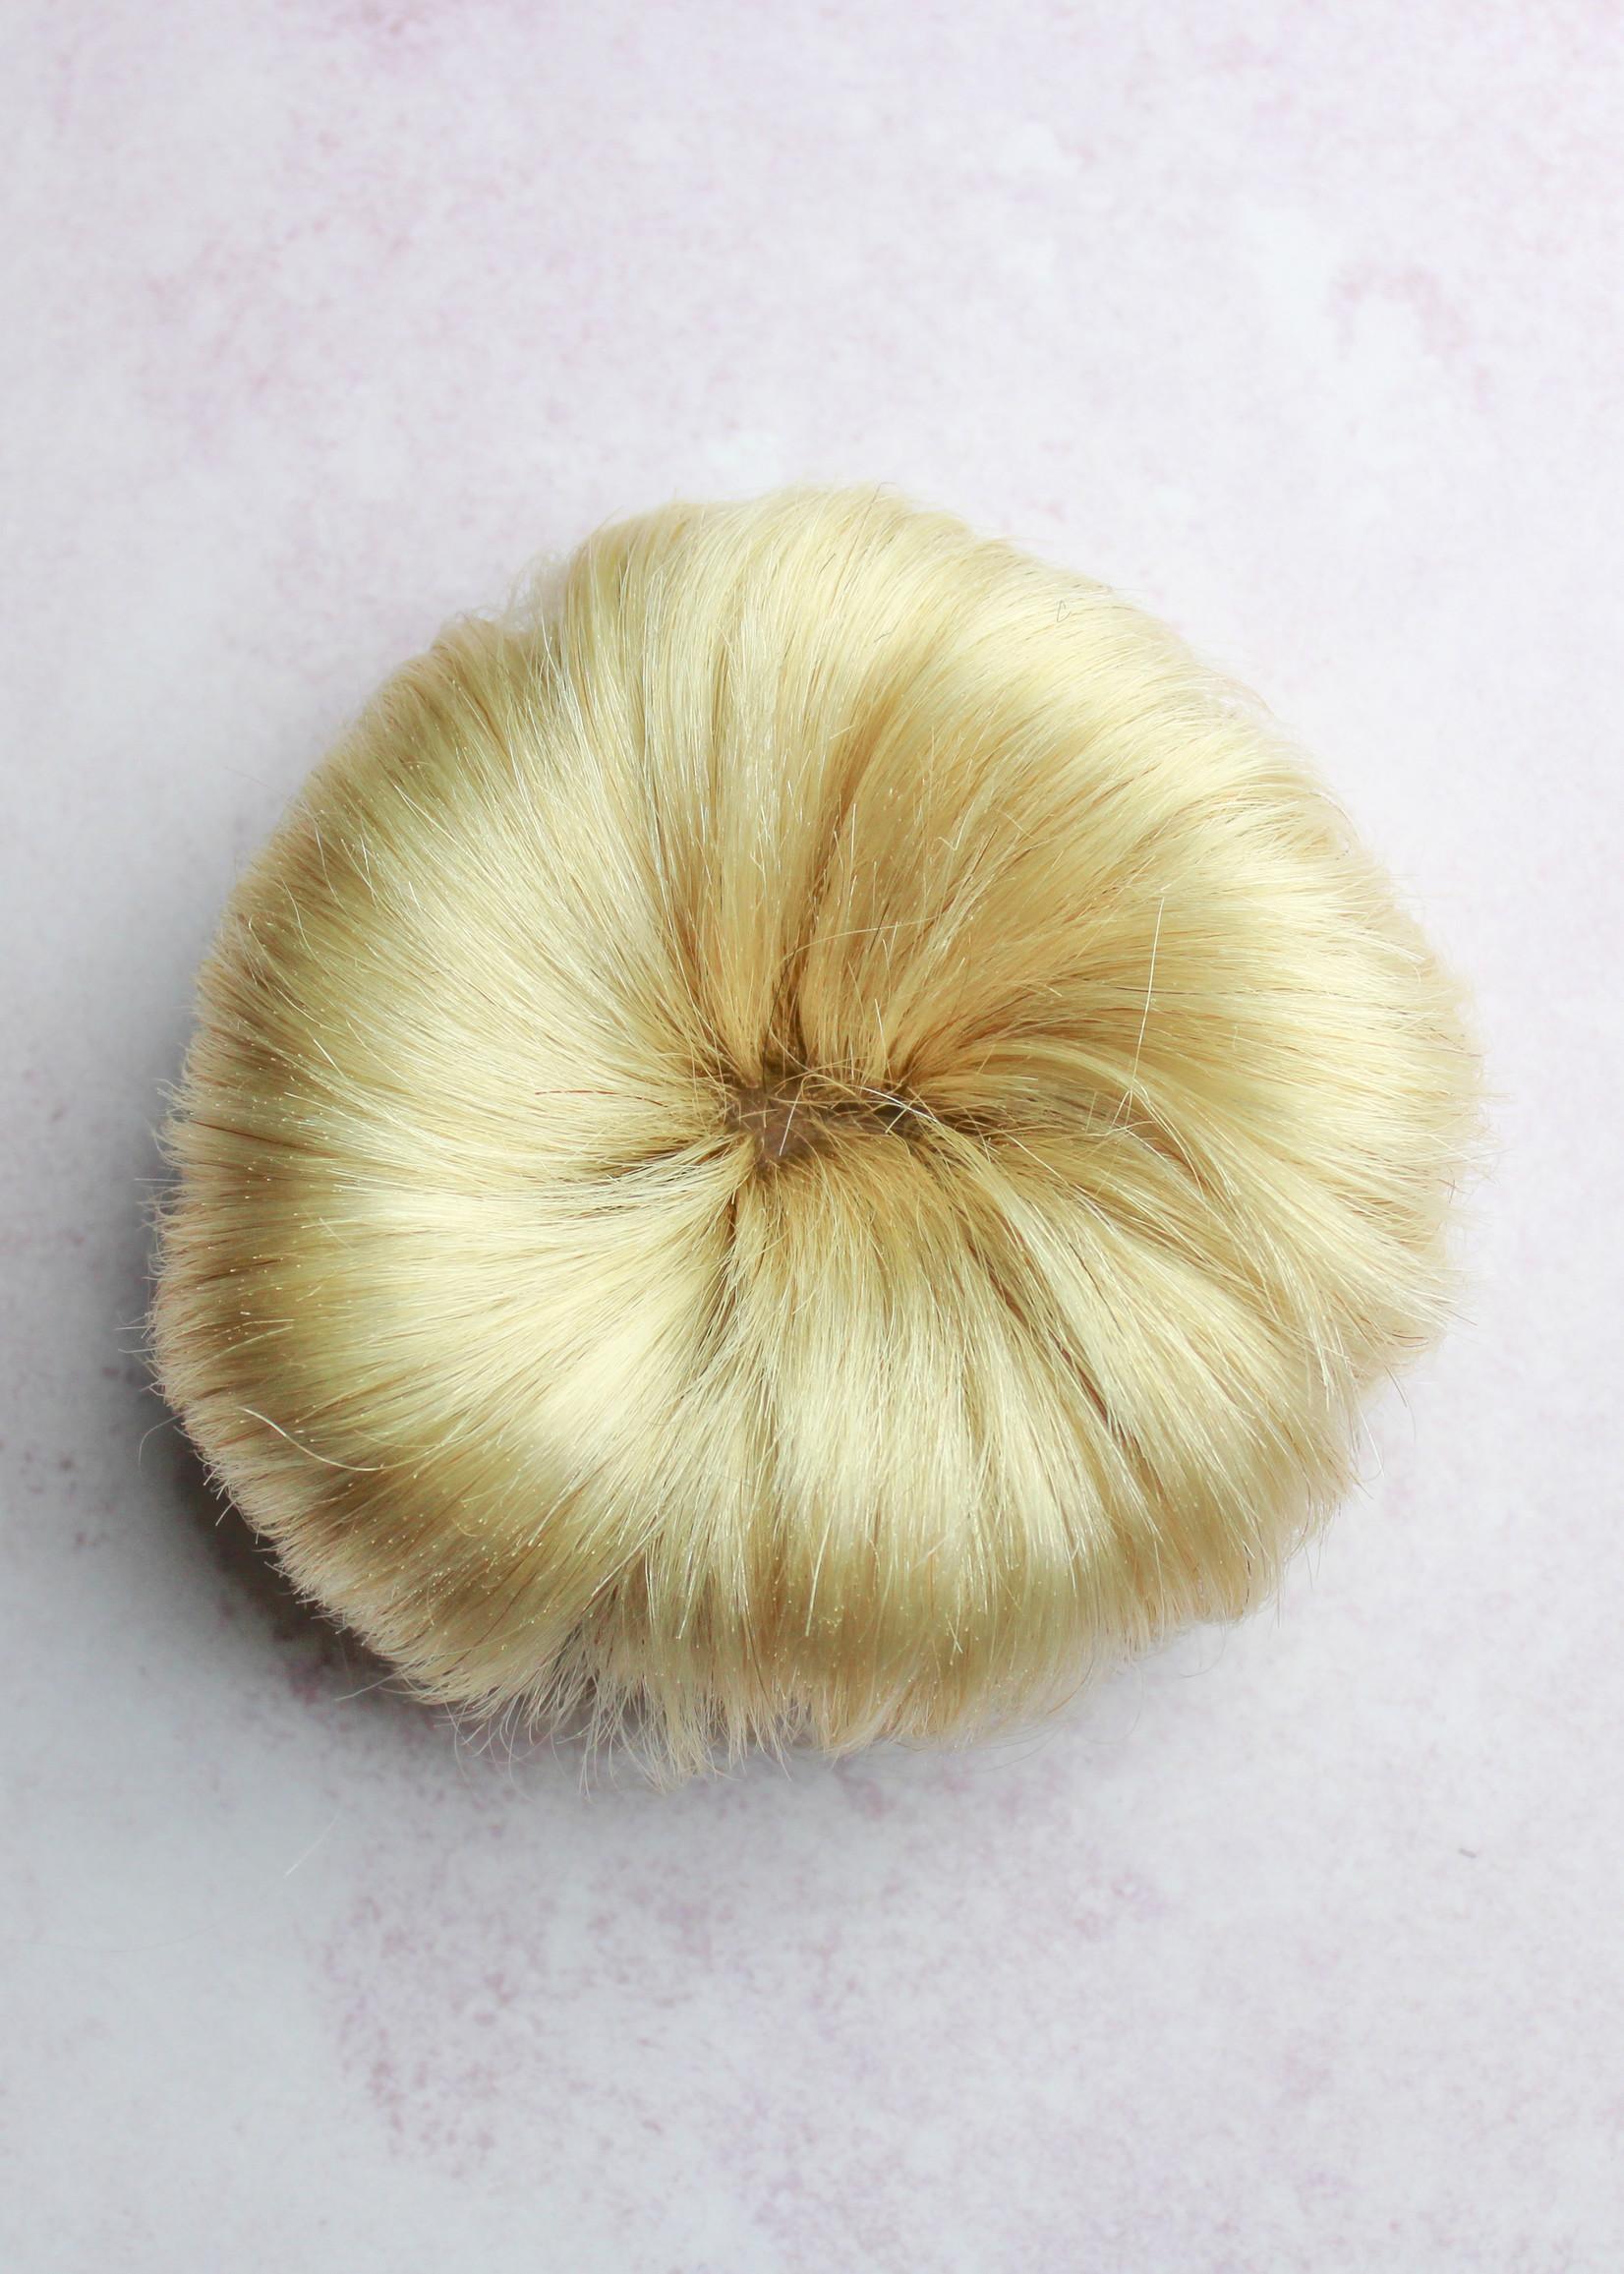 Human Hair Buns - Color 60A